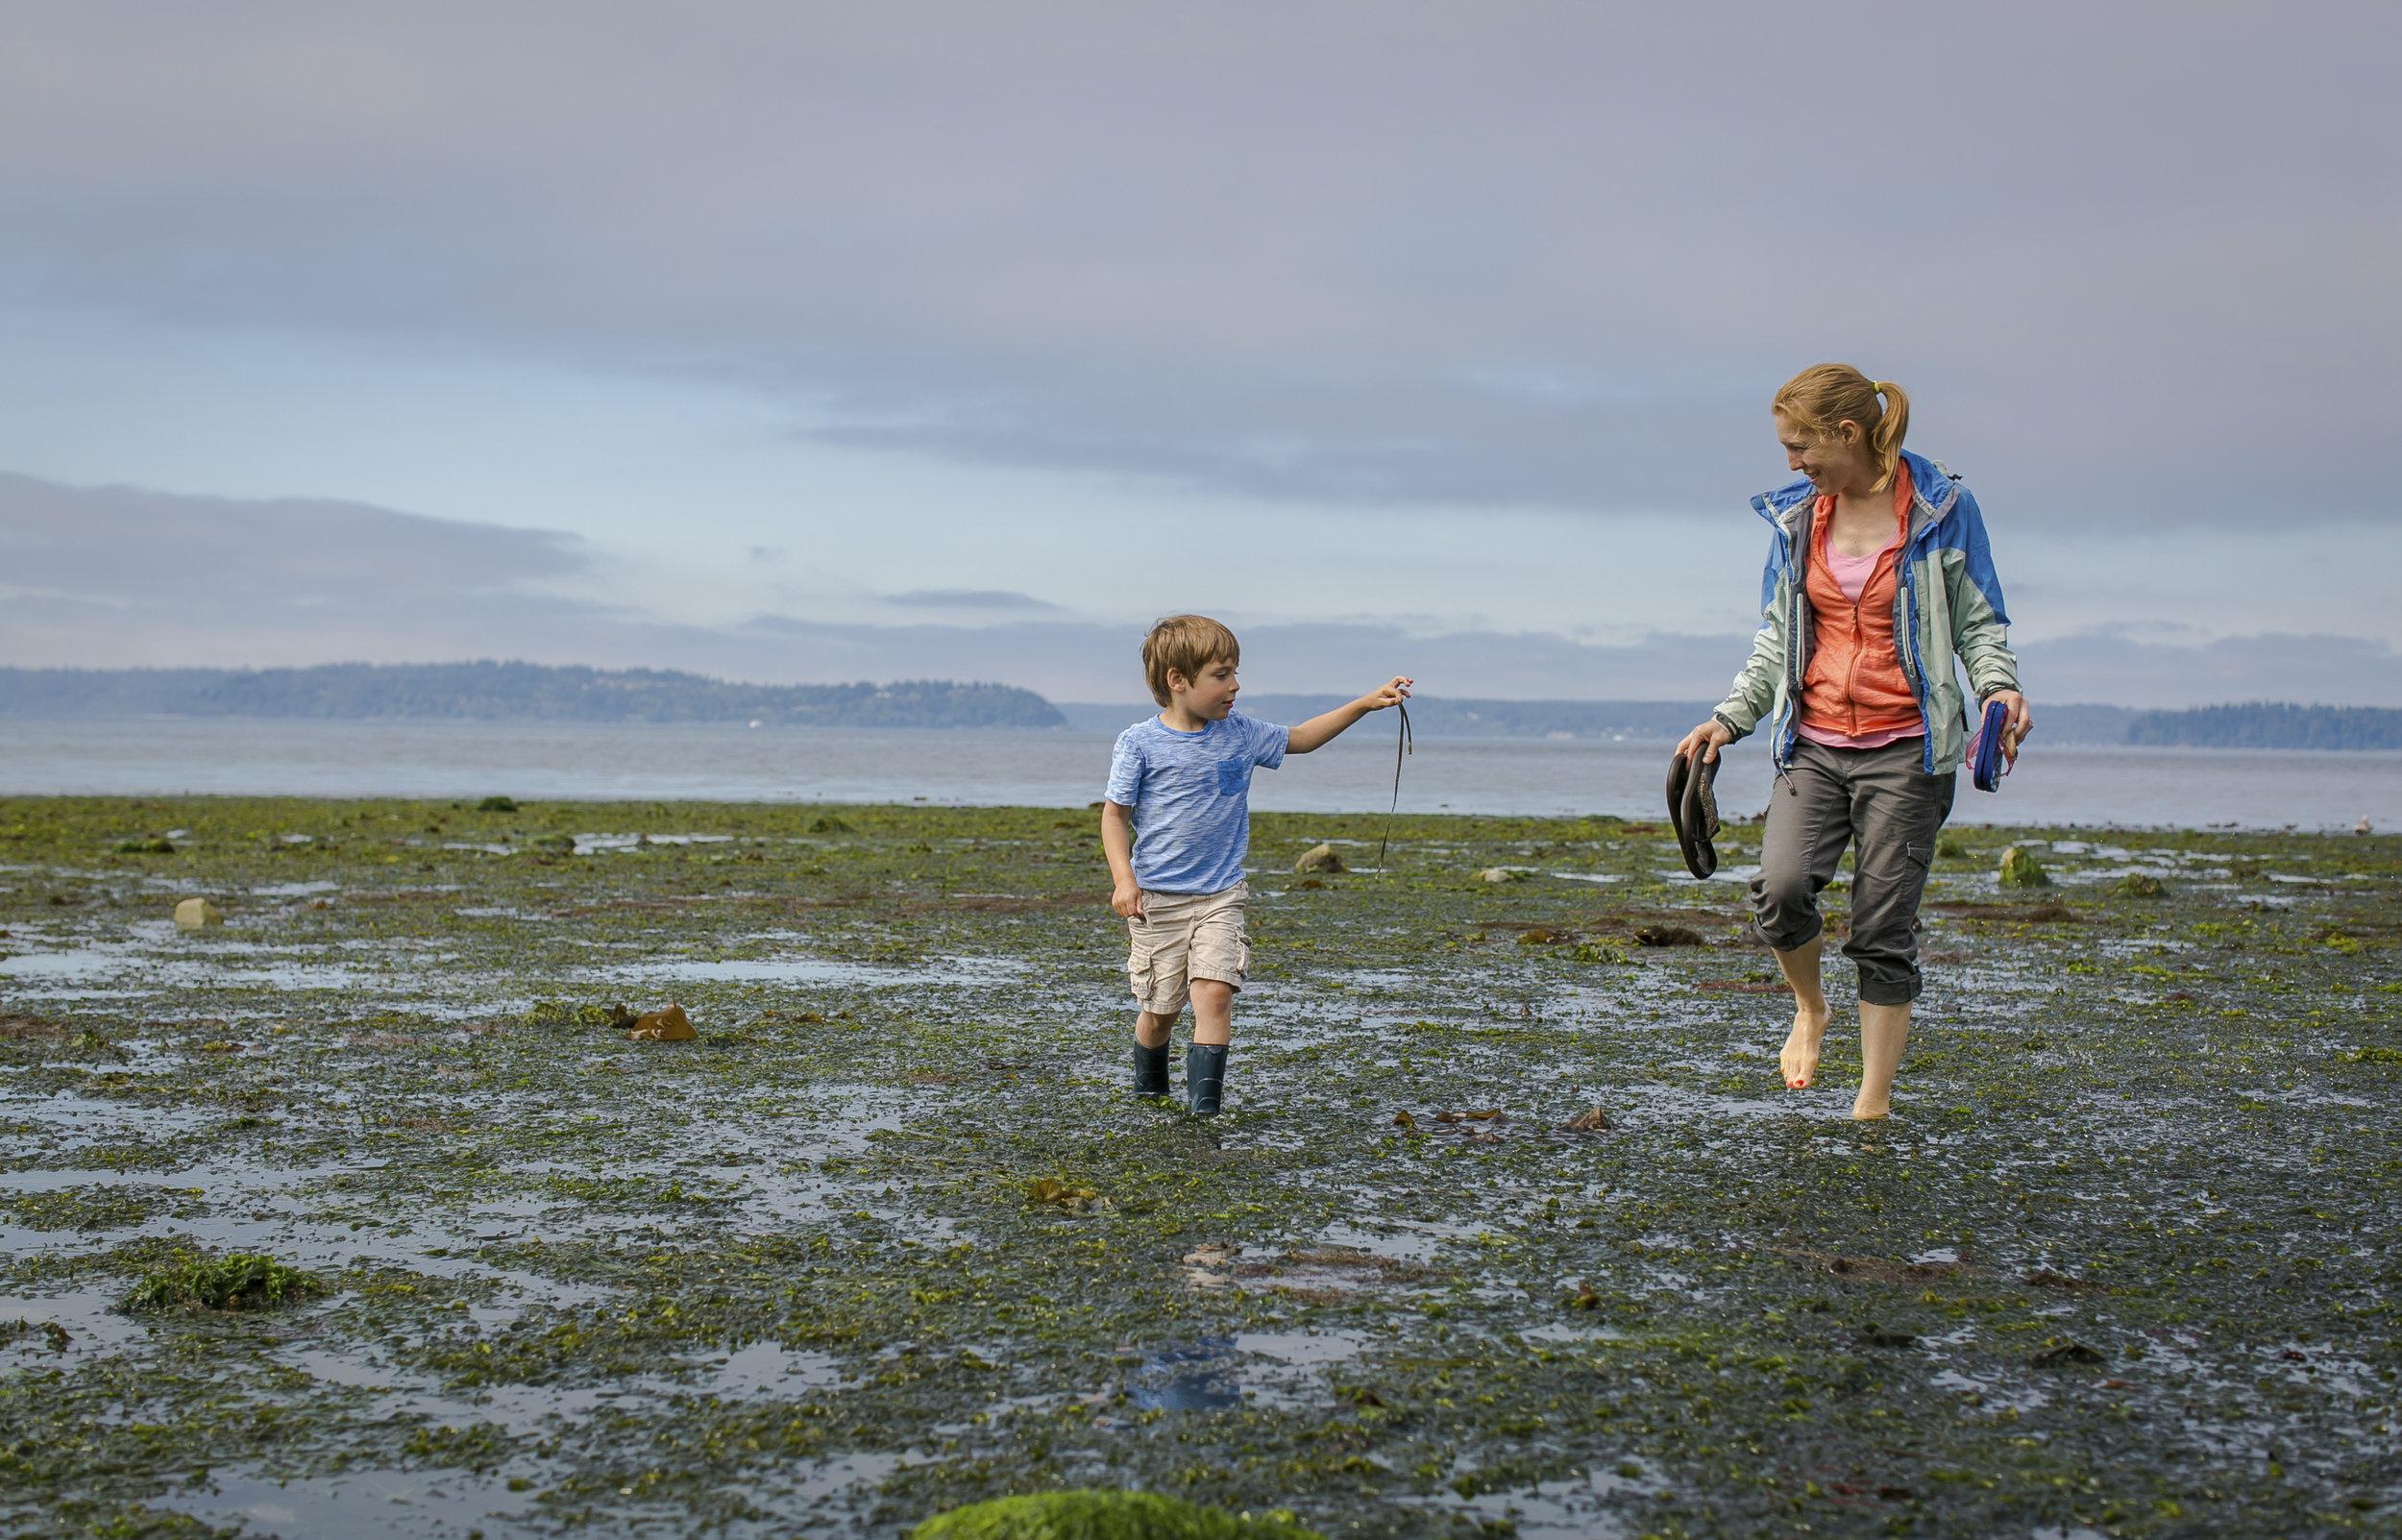 Enjoying low tide on Alki Beach in West Seattle. Photo by Paul Joseph Brown.